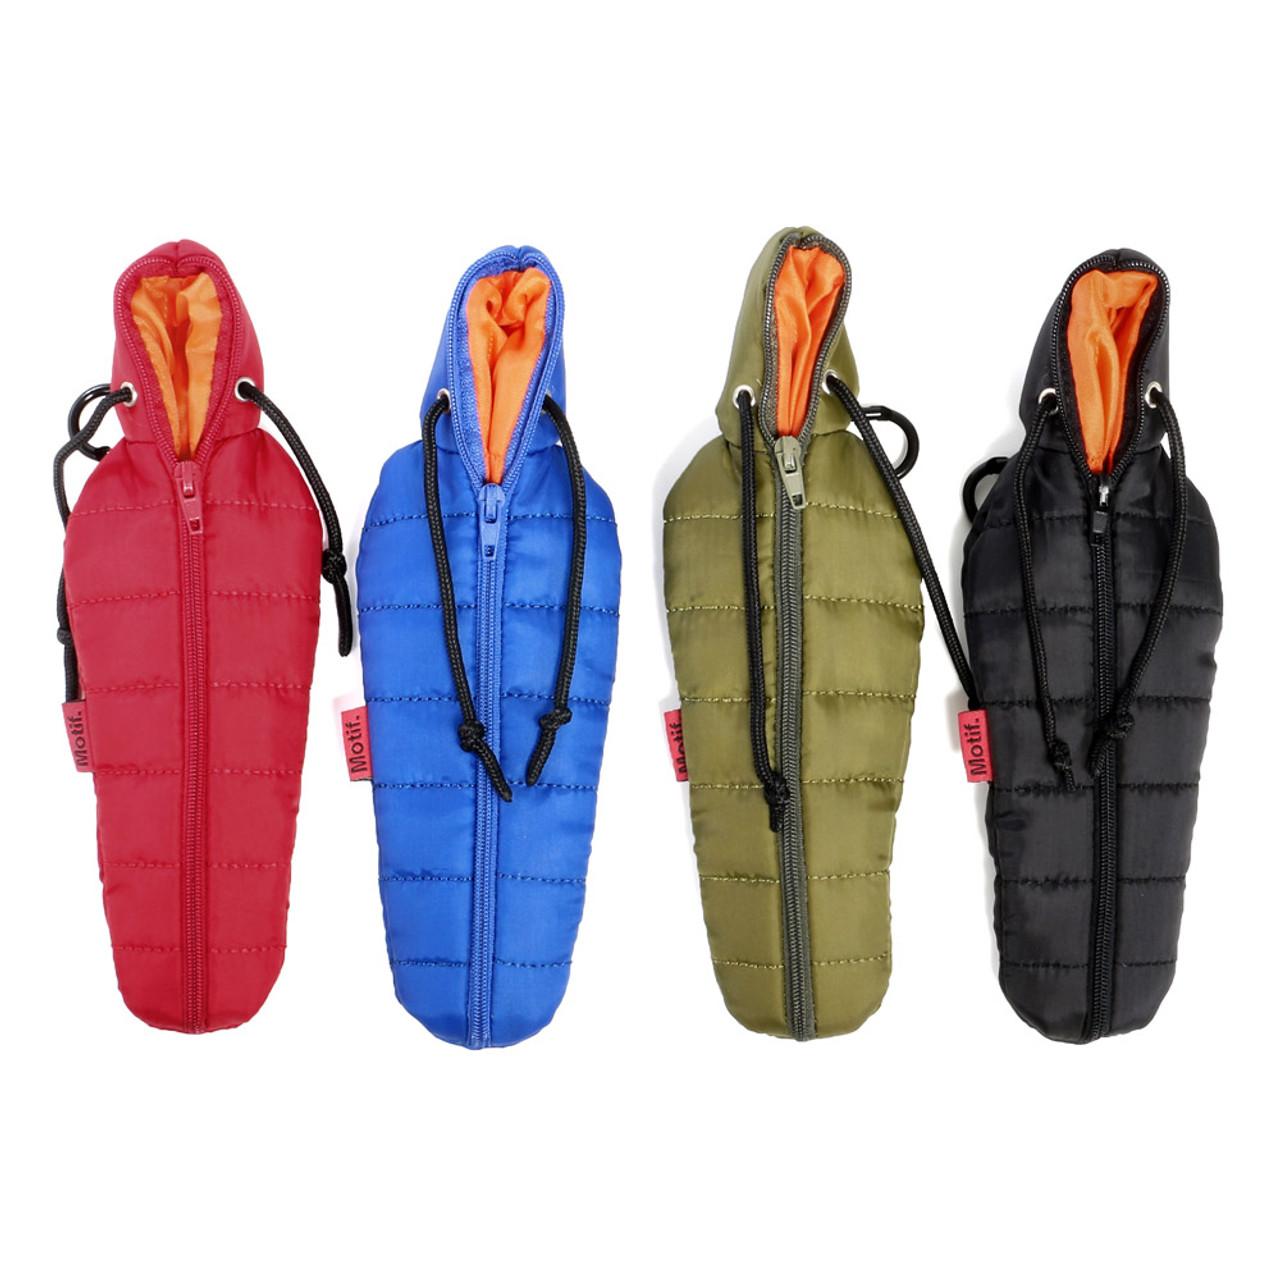 Seto Craft Motif Outdoor Sleeping Bag Pen Case - Blue